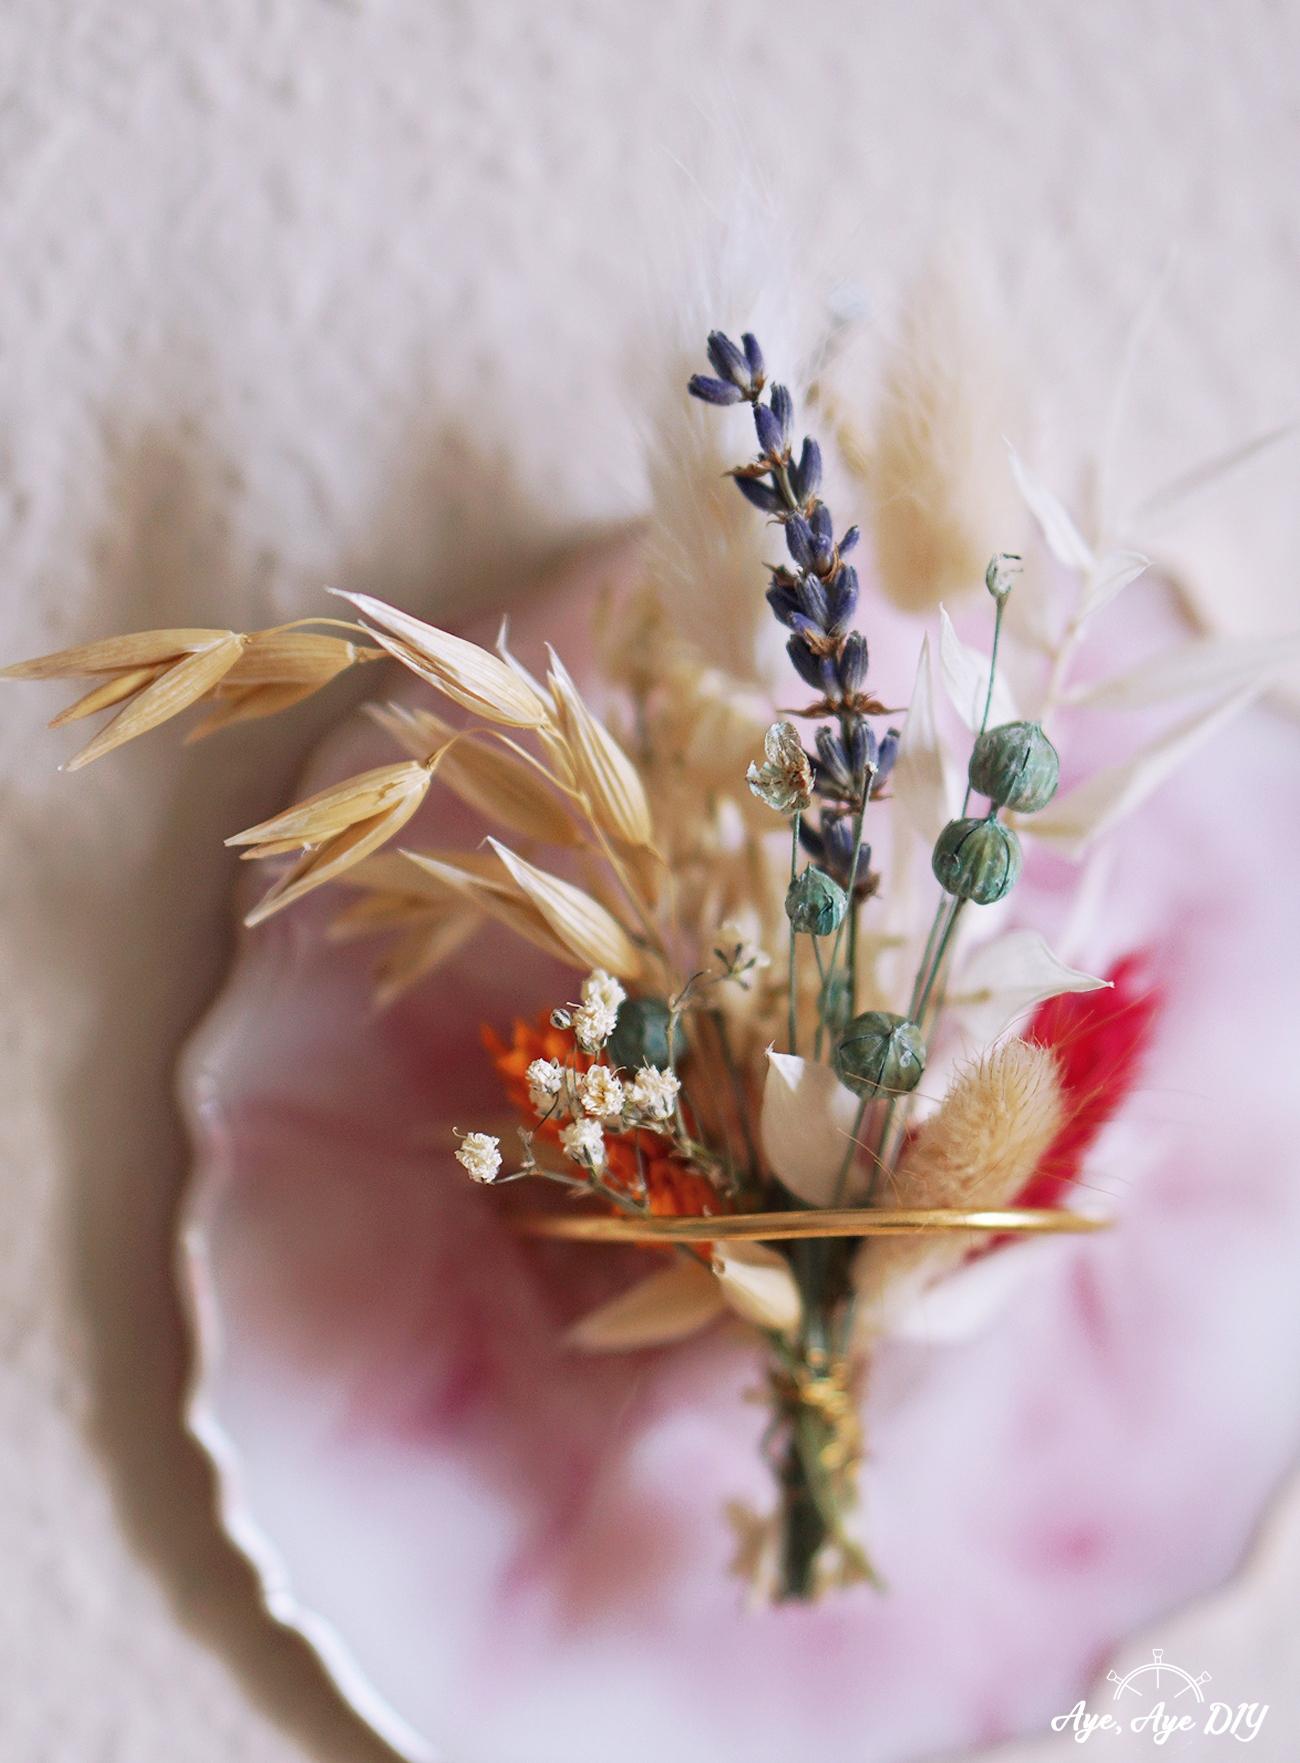 Resin Art Untersetzer Epoxidharz mit Trockenblumen